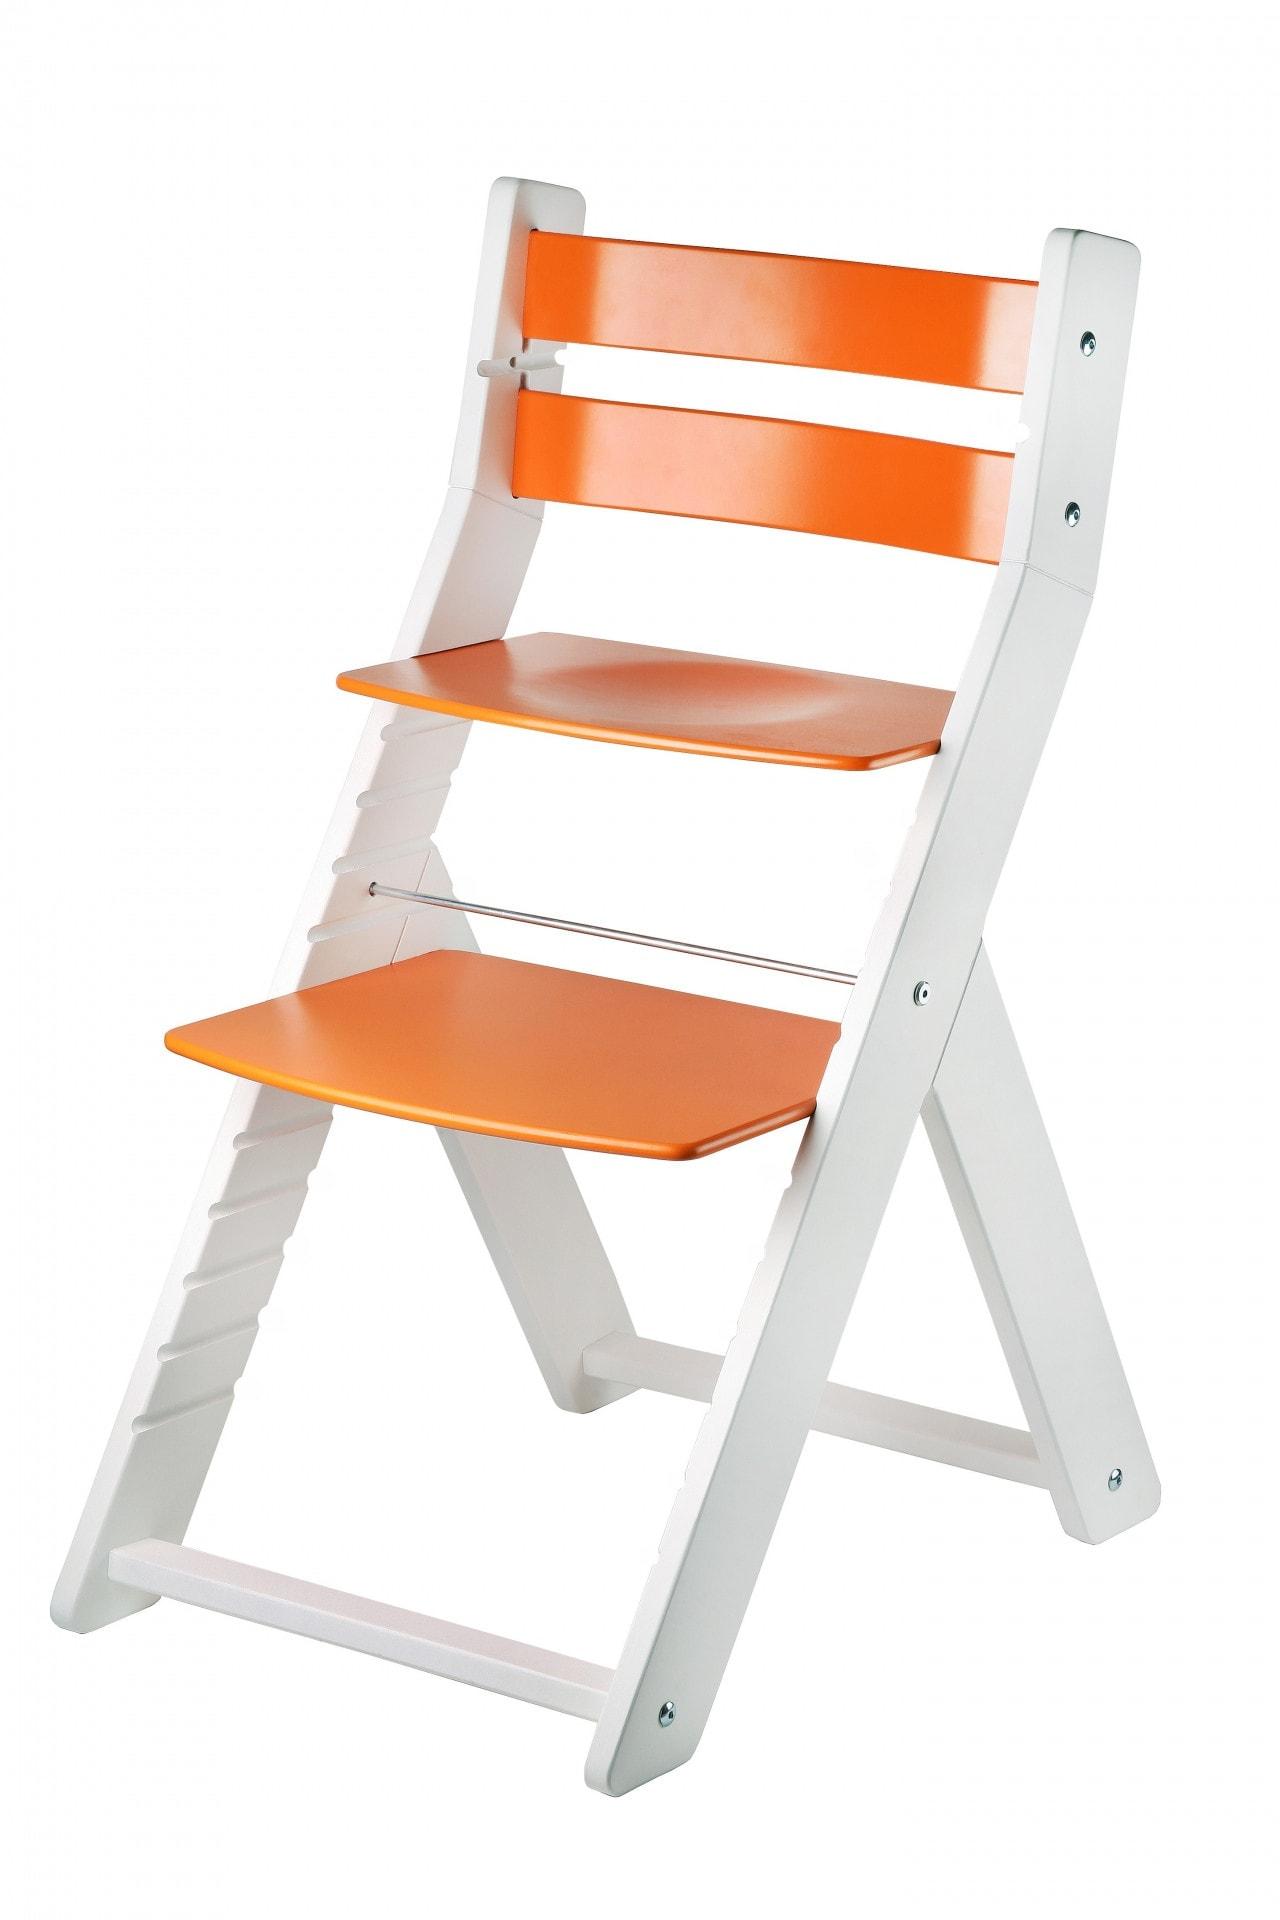 Wood Partner Rostoucí židle Sandy - bílá / oranžová